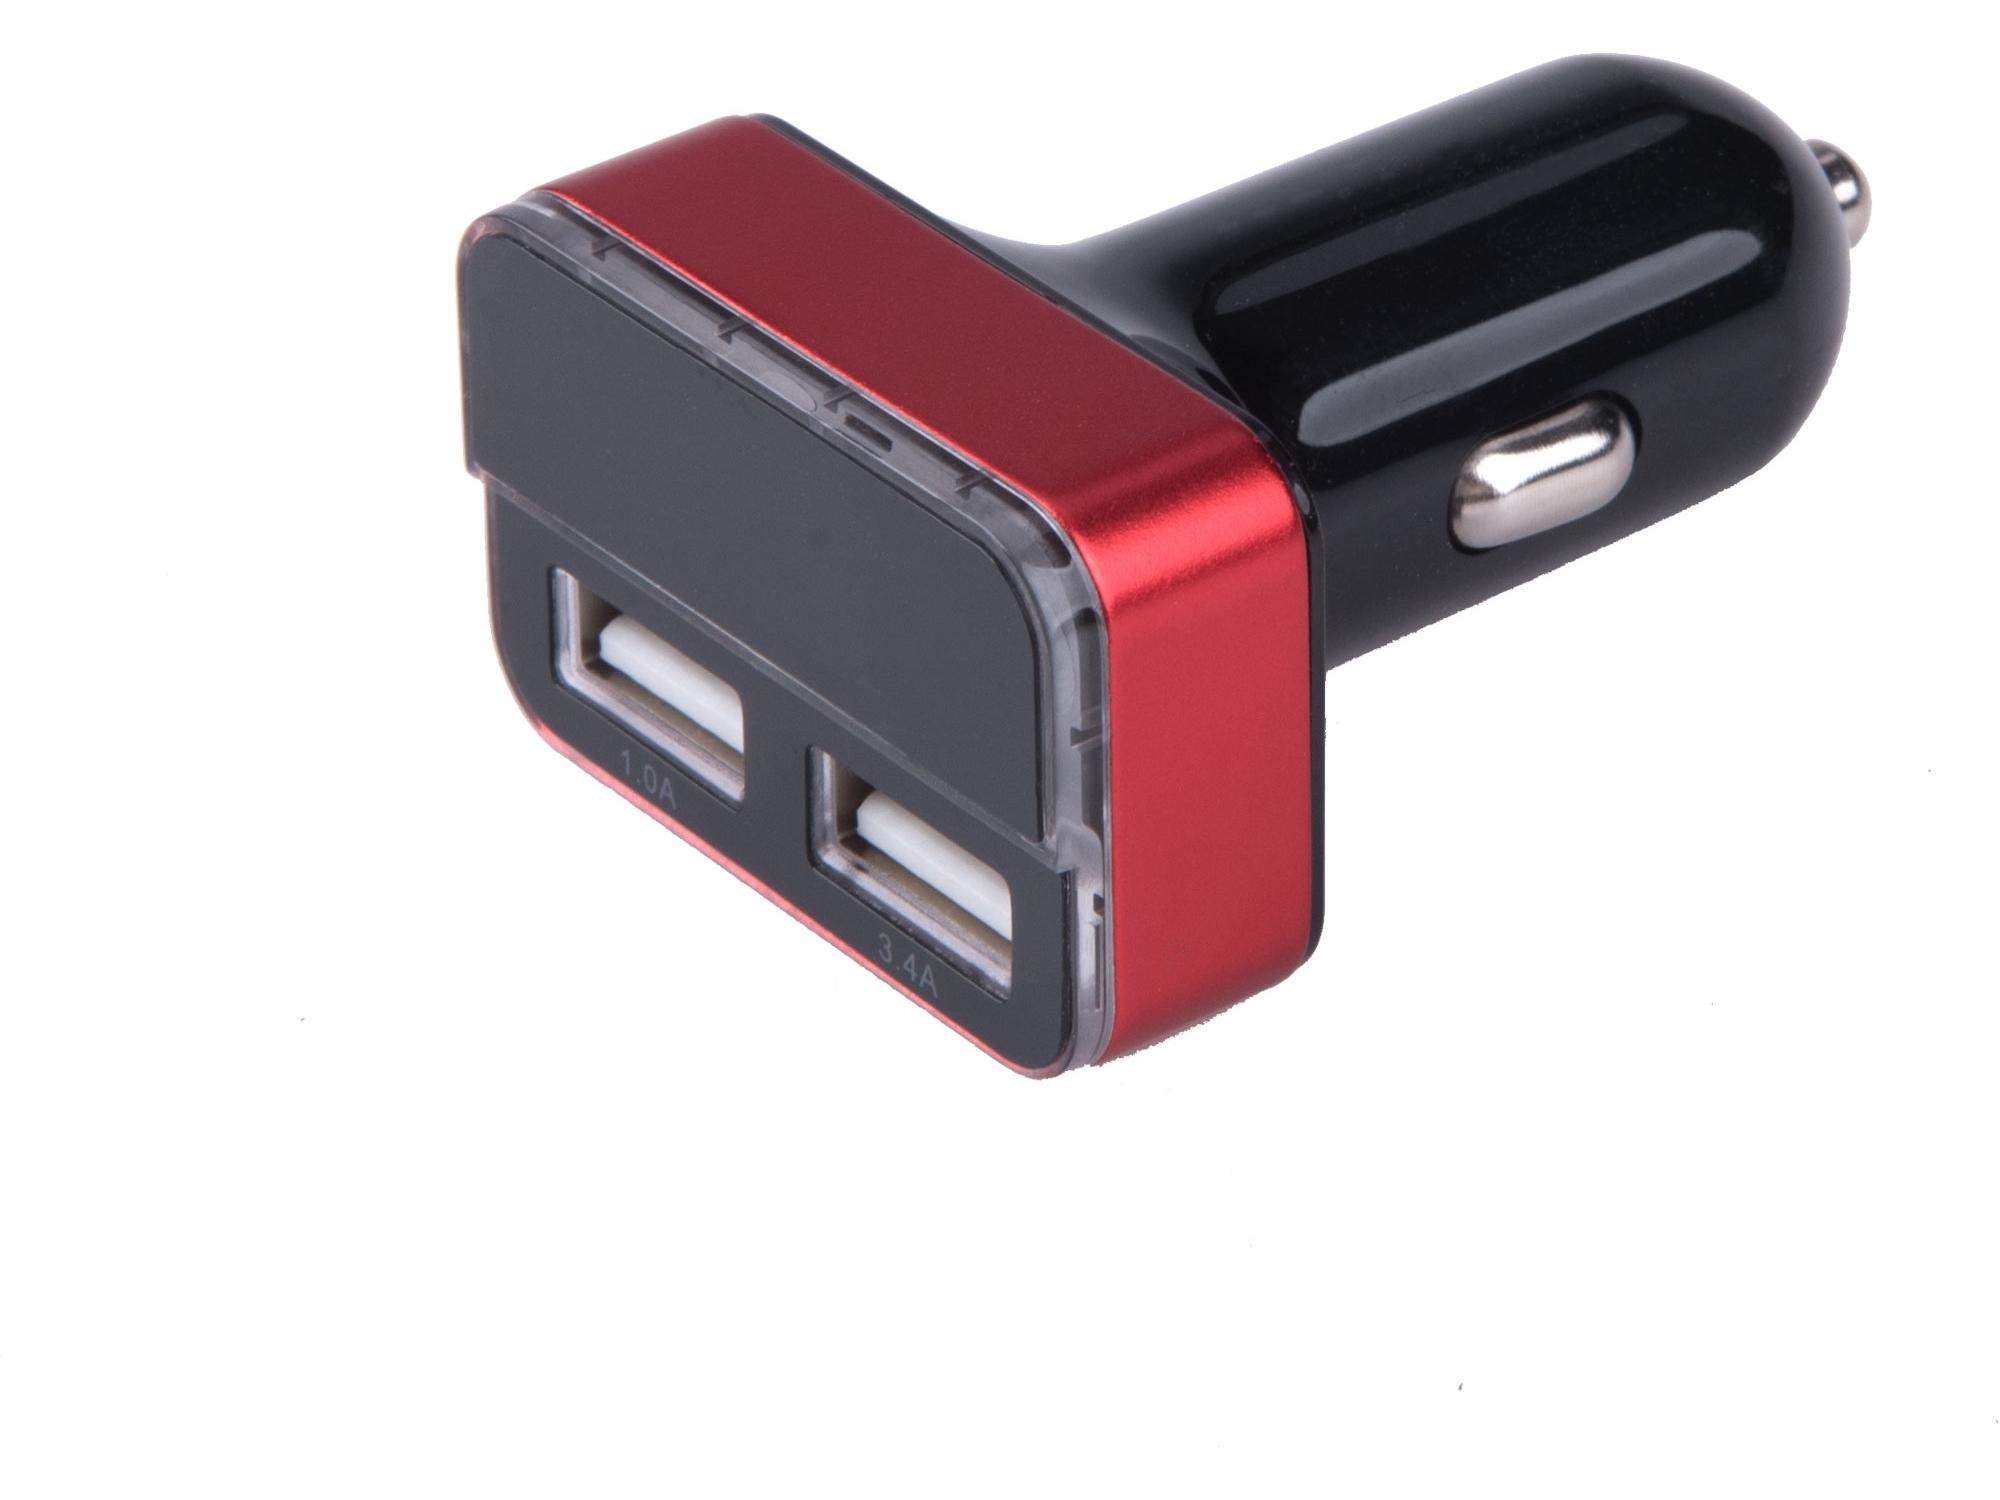 Nabíječka USB do auta, 12/24V, 2xUSB, měřič, 3,4A, 17W EXTOL ENERGY 42084